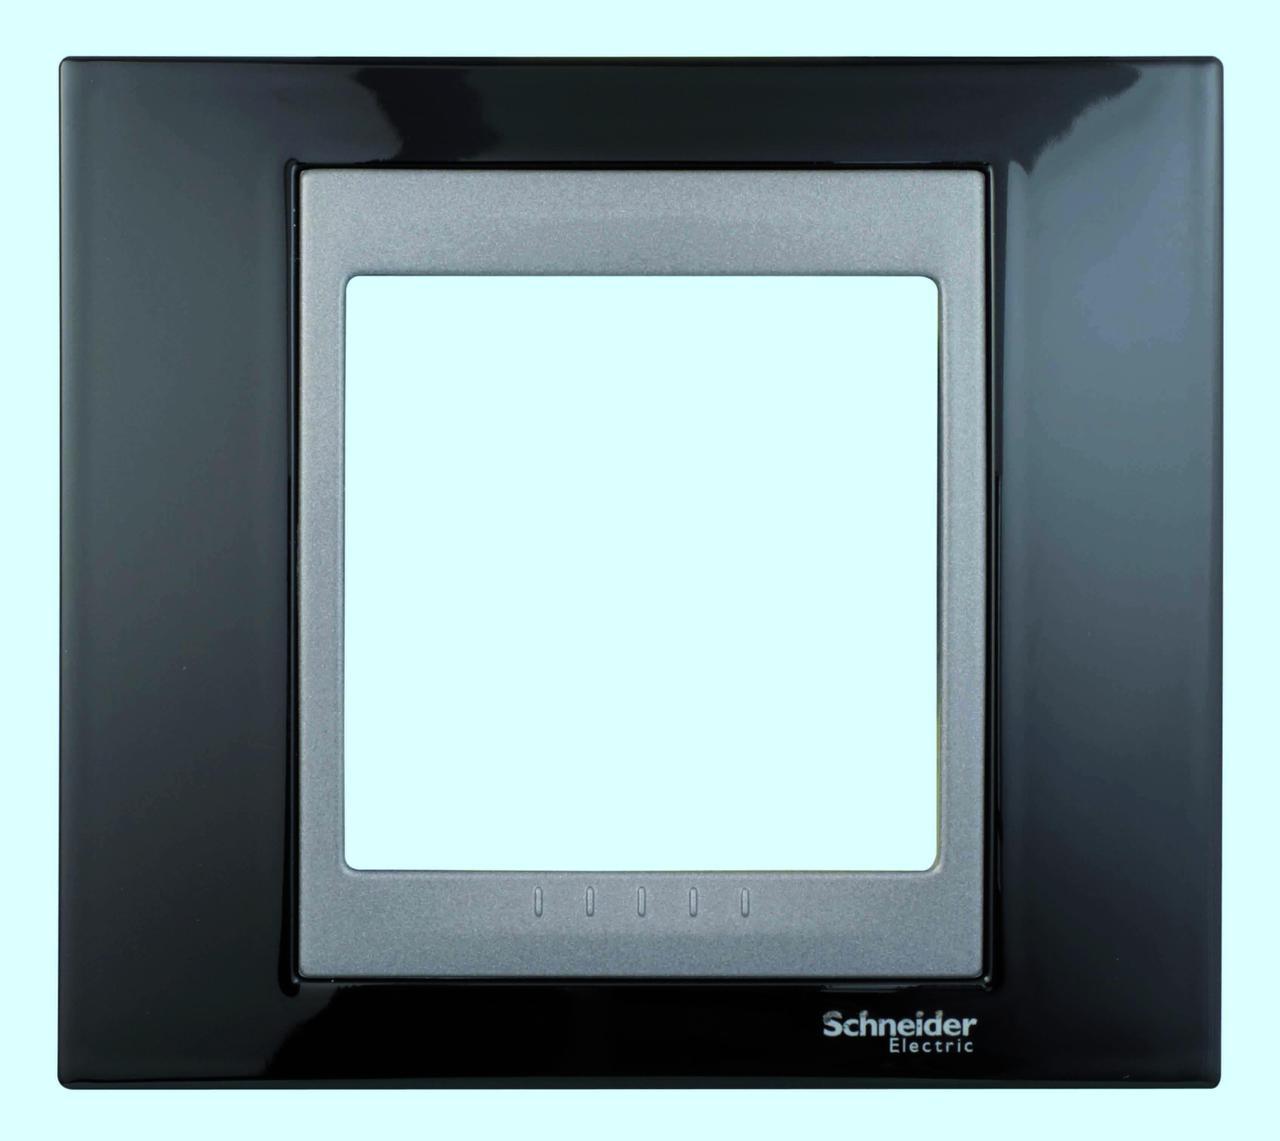 Рамка 1-ая (одинарная), Родий/Графит (металл), серия UNICA TOP/CLASS, Schneider Electric